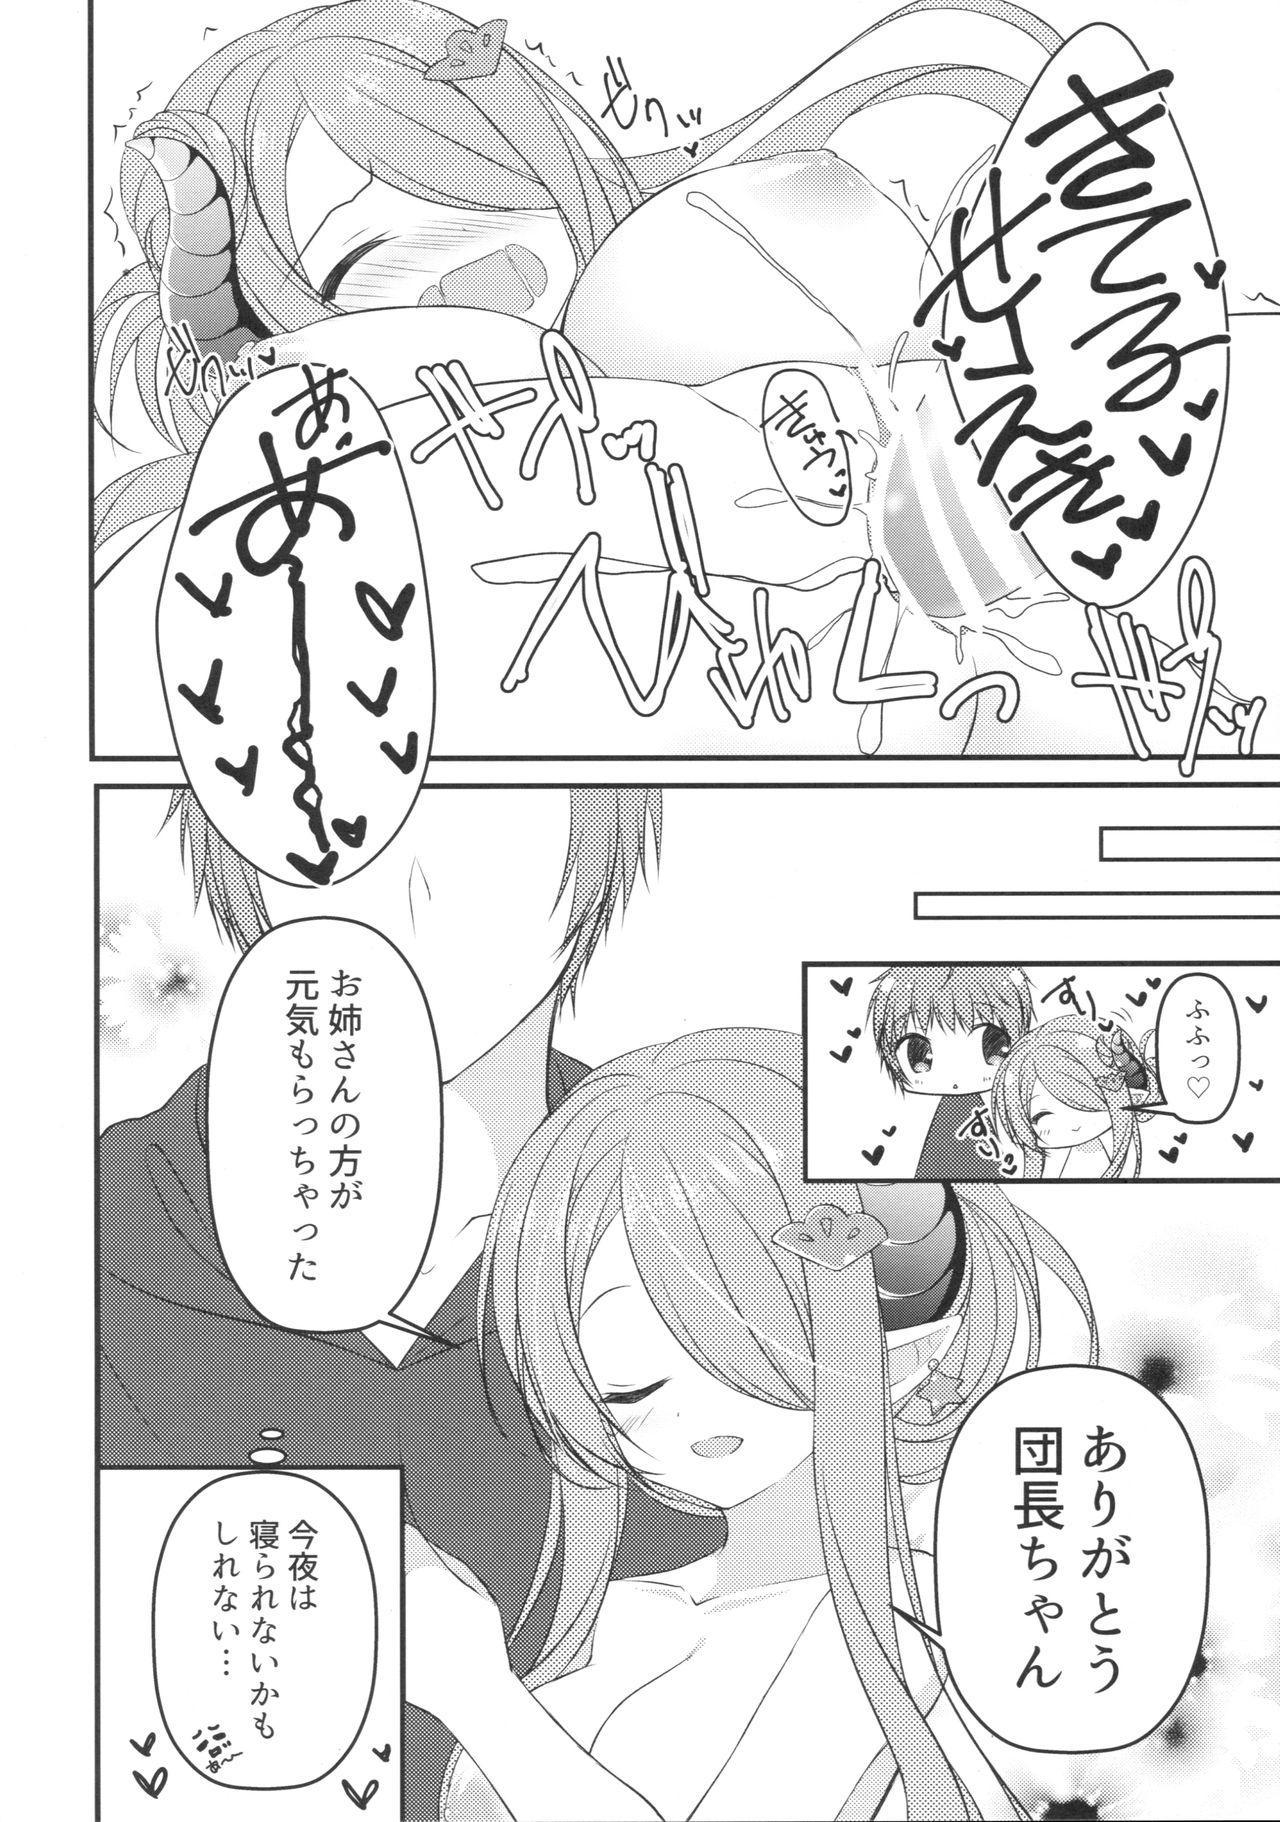 Oira no Inai Toko de Nani Shitenda?! 8